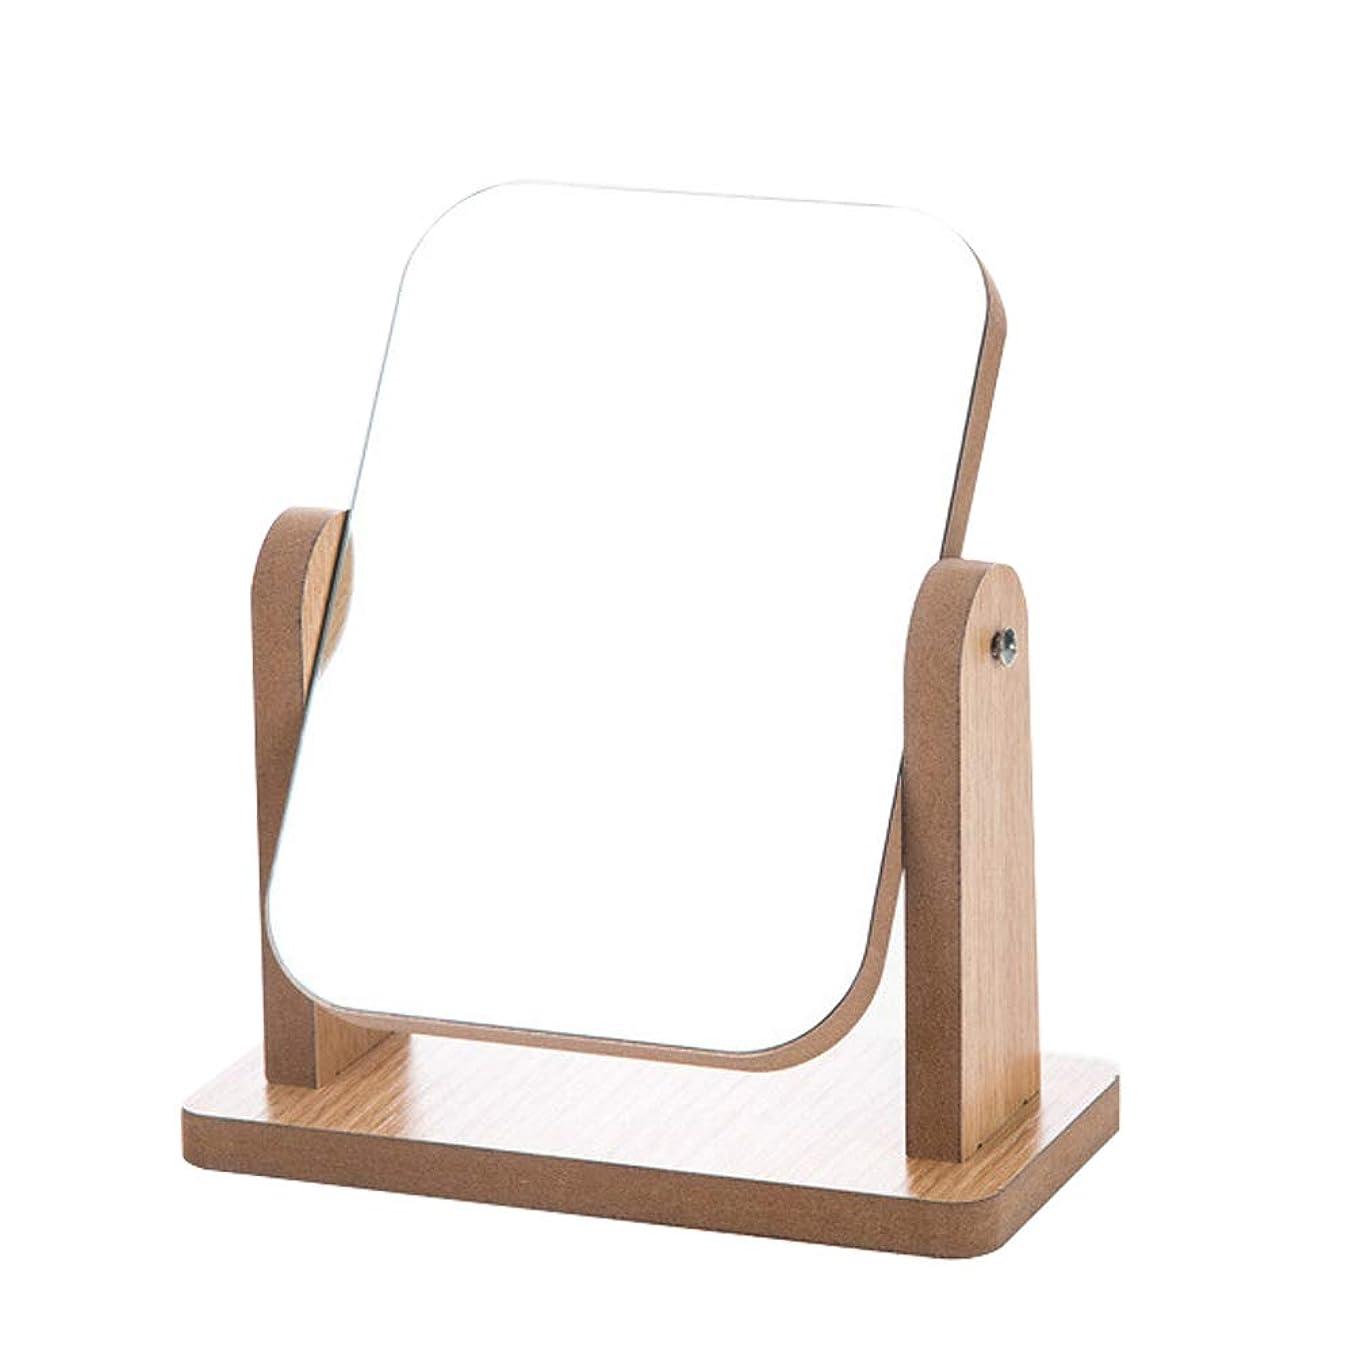 ピストンイライラする突進Lurrose 卓上化粧台ミラー長方形折りたたみ木製デスクトップミラー寝室の装飾化粧品ミラー(サイズL)